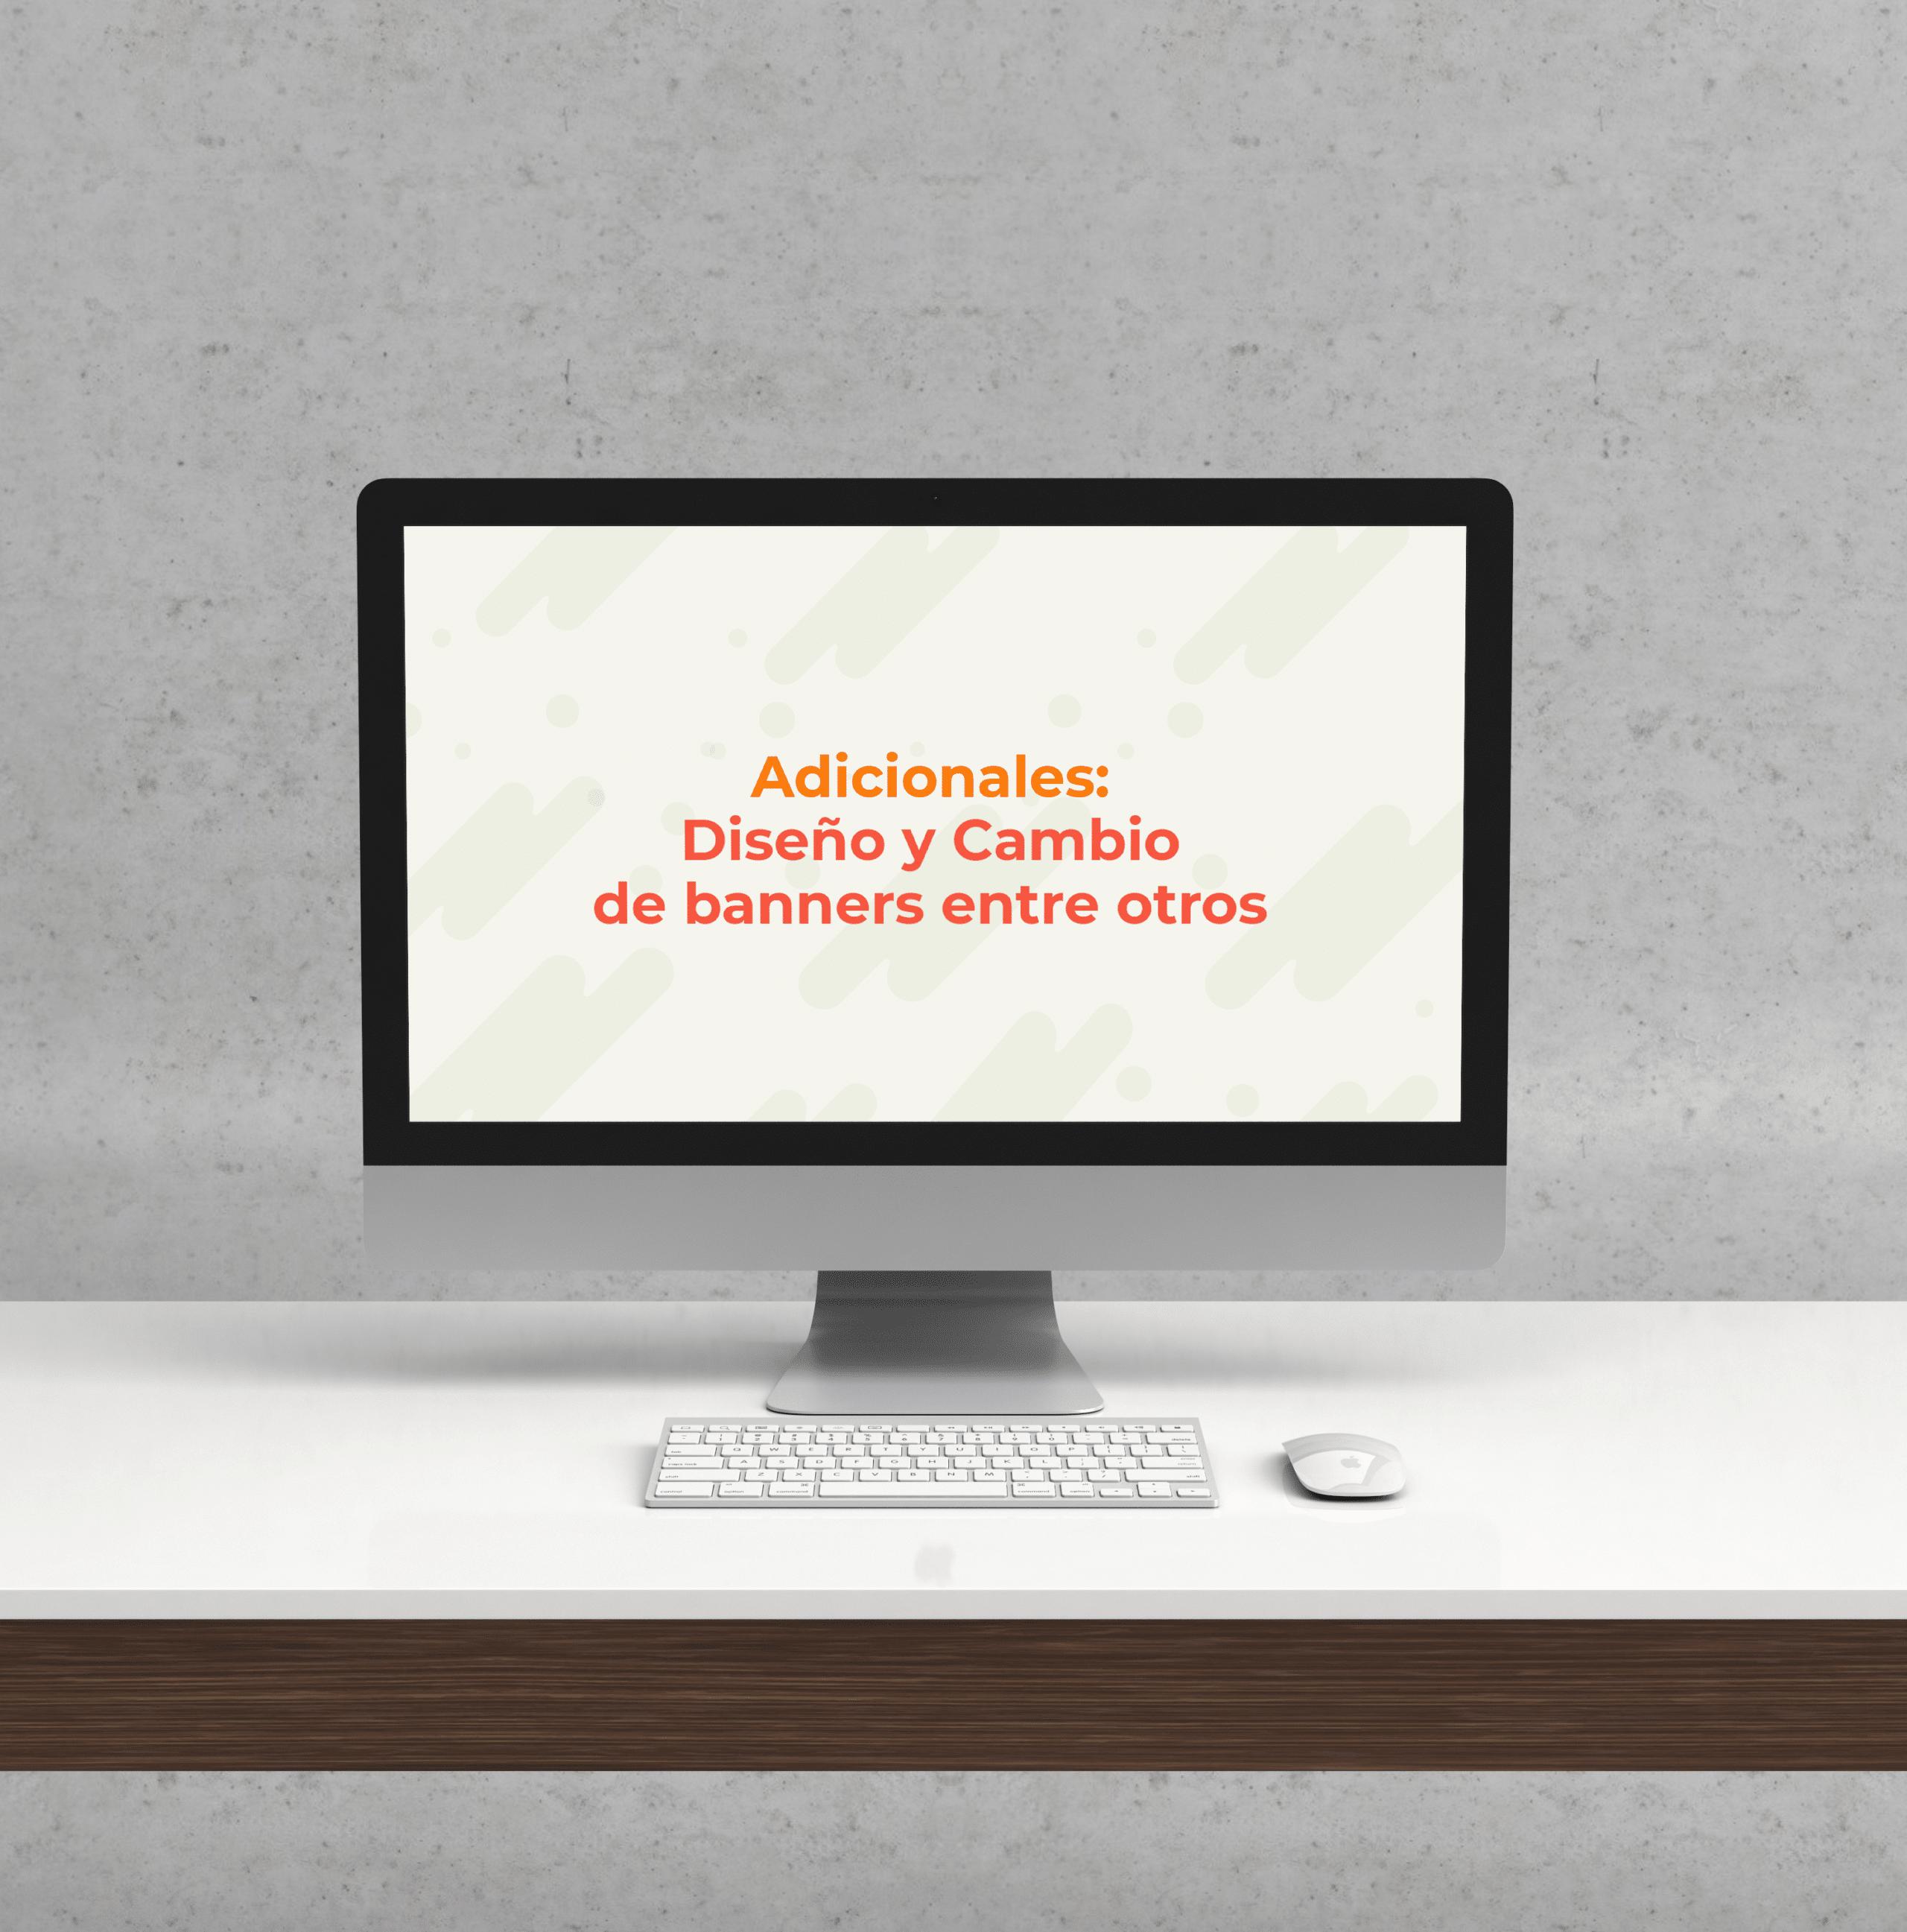 Servicios adicionales para diseño web